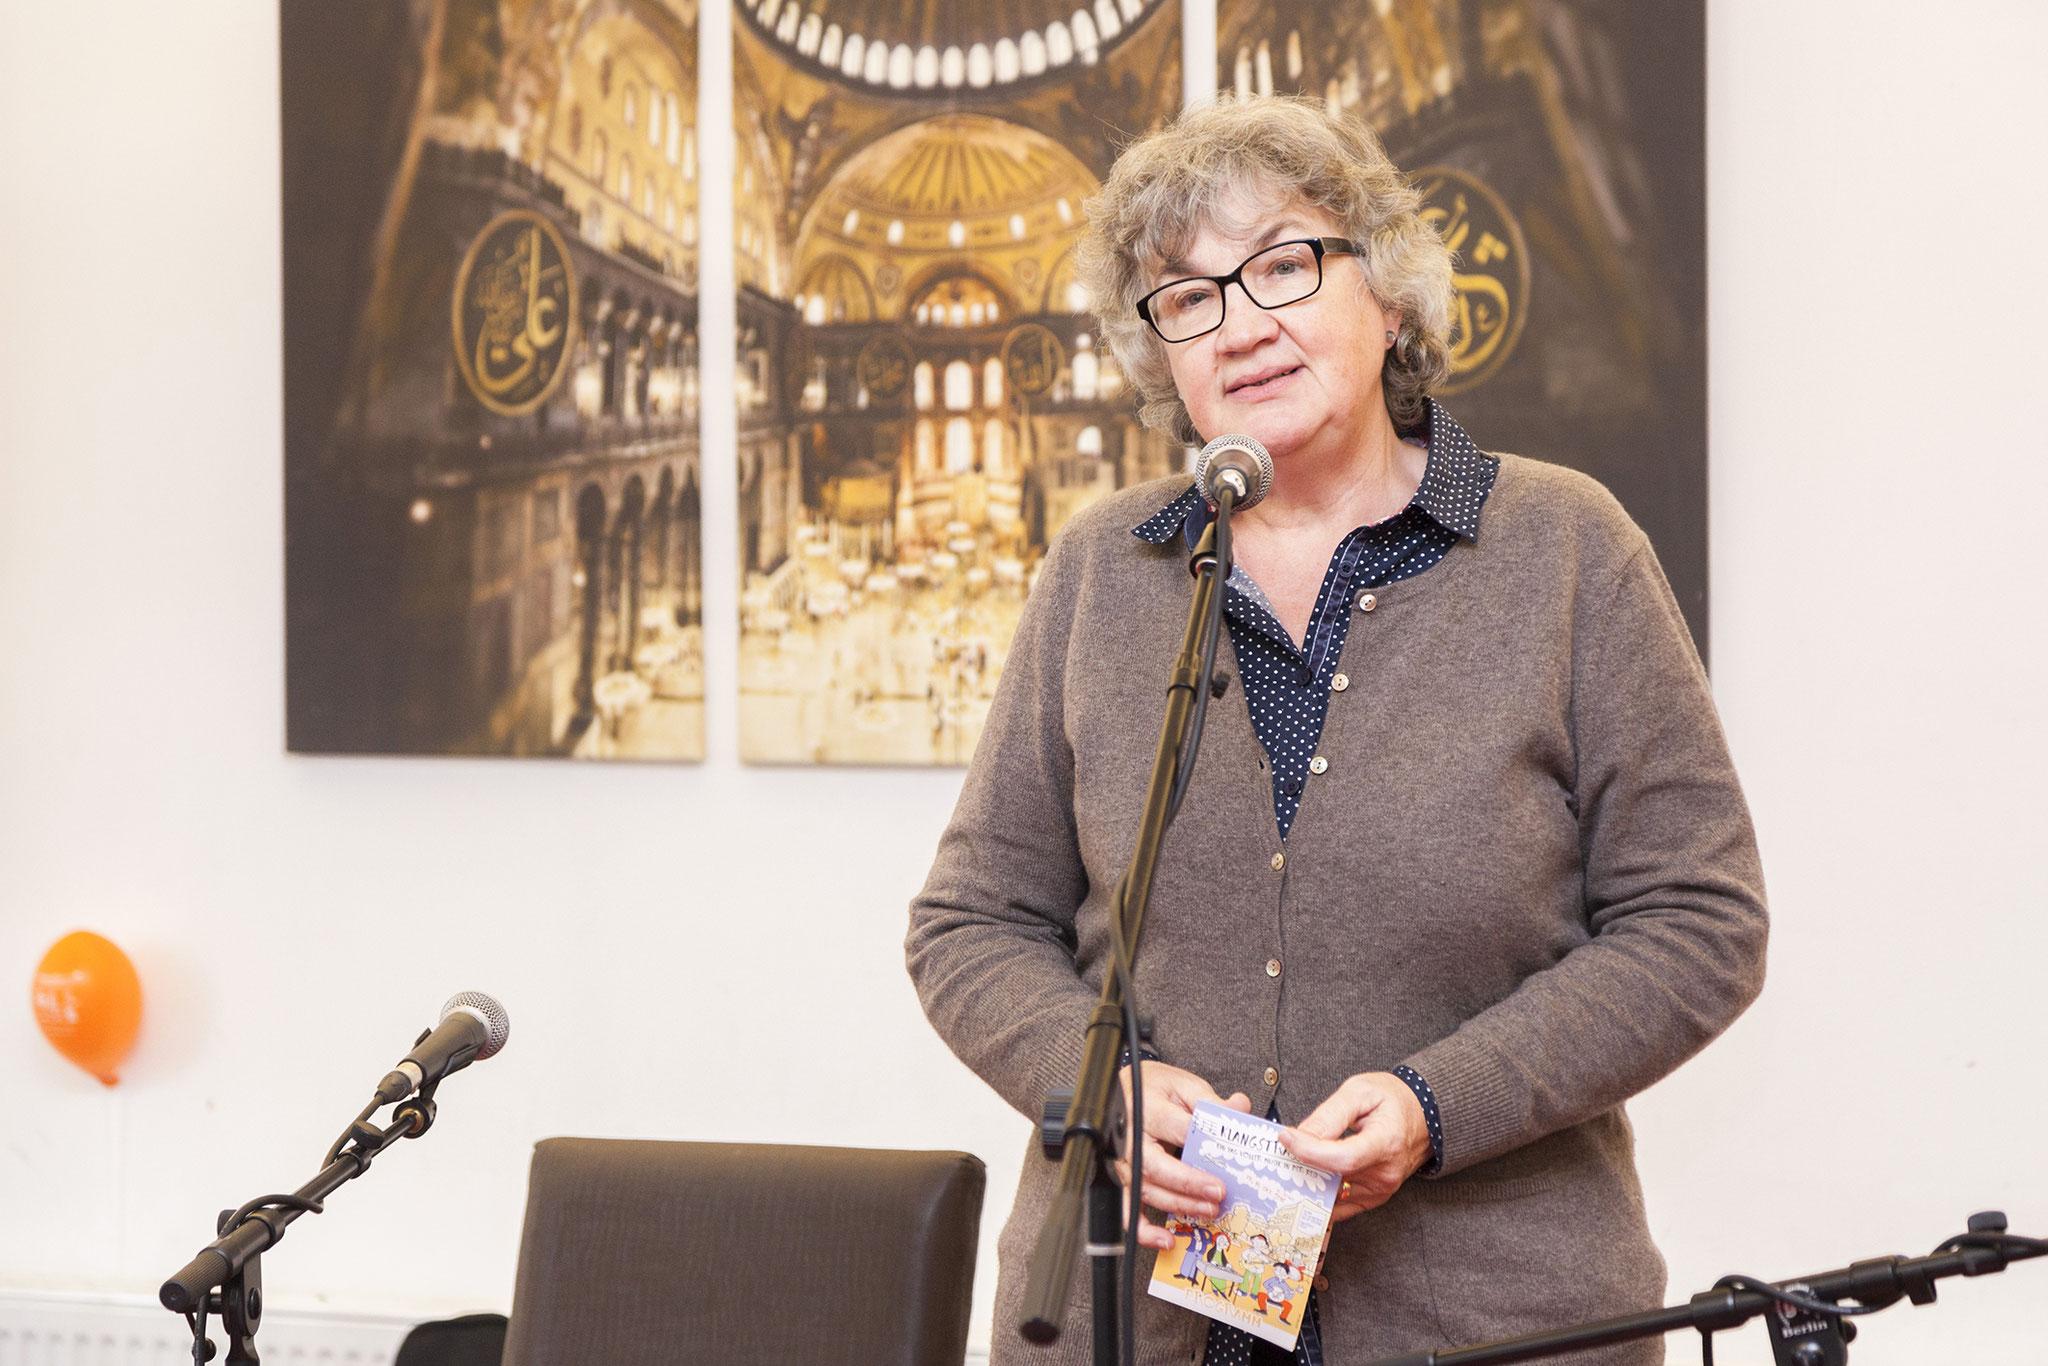 Grußworte von Frau Neubauer, S.T.E.R.N. GmbH, Foto: Antonia Richter